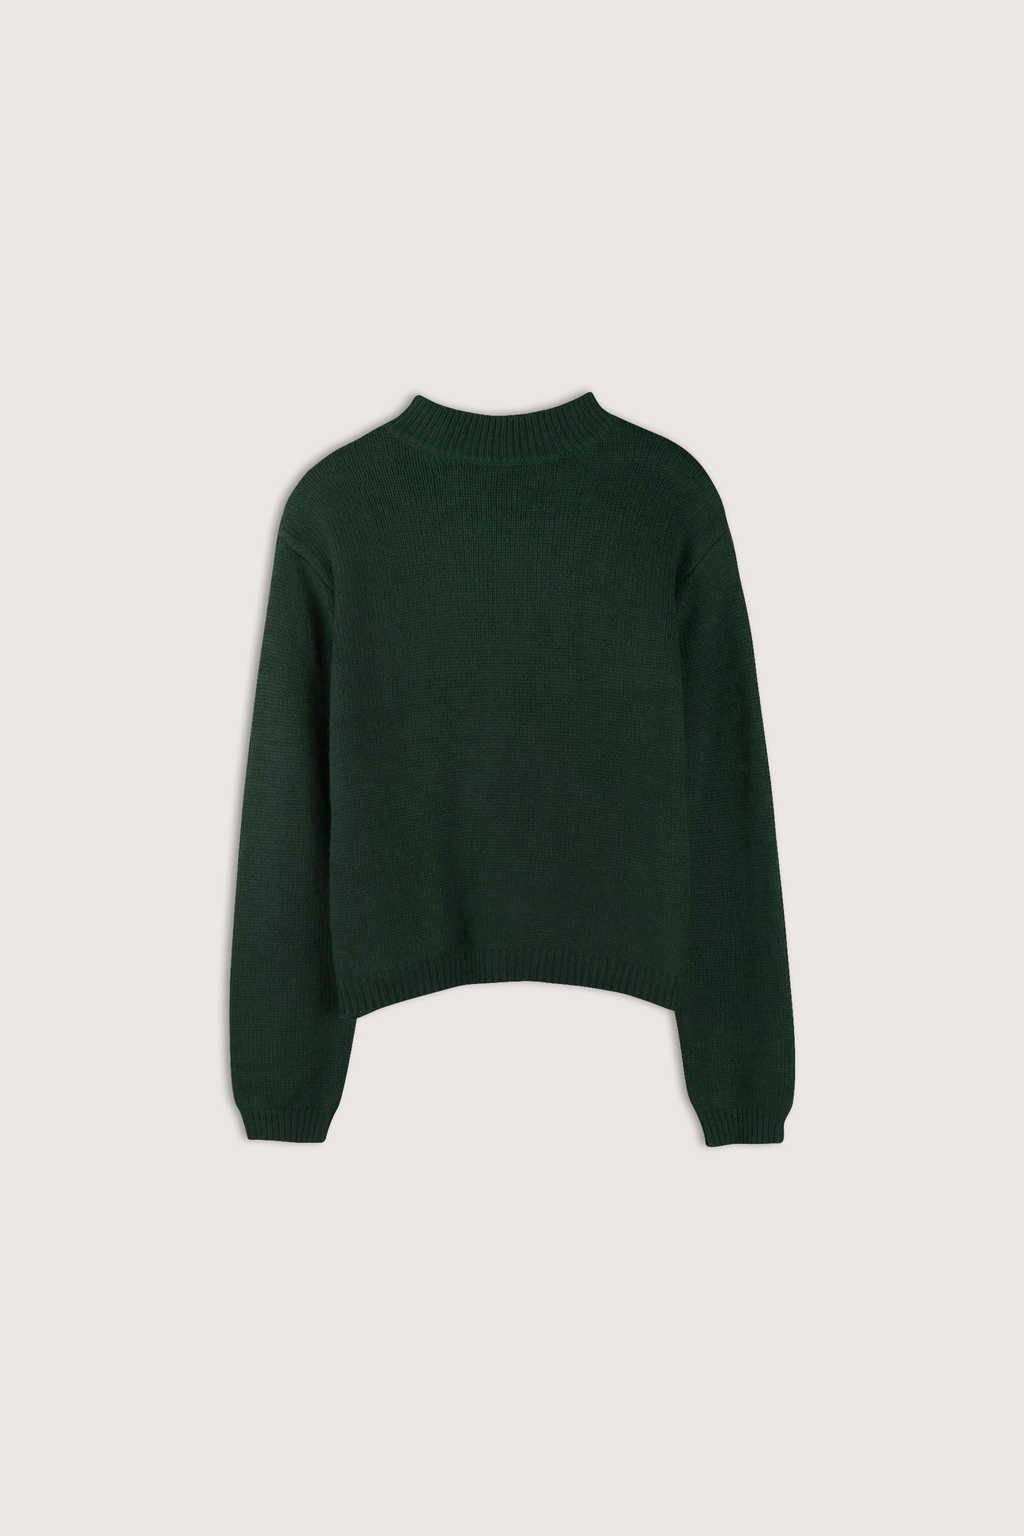 Sweater 1783 Green 7